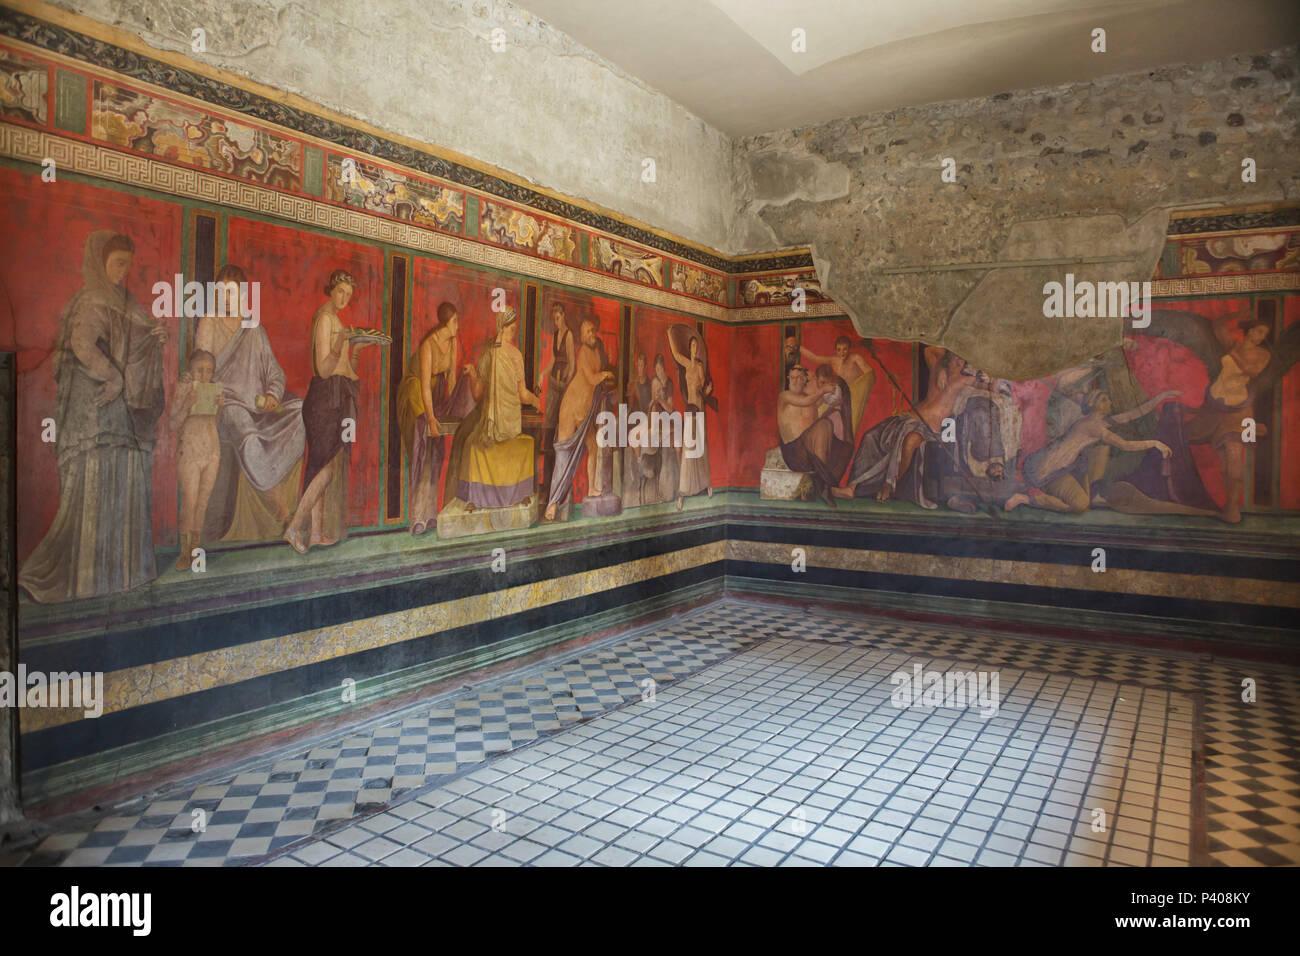 Sala Da Pranzo Romana Immagini E Fotos Stock Alamy